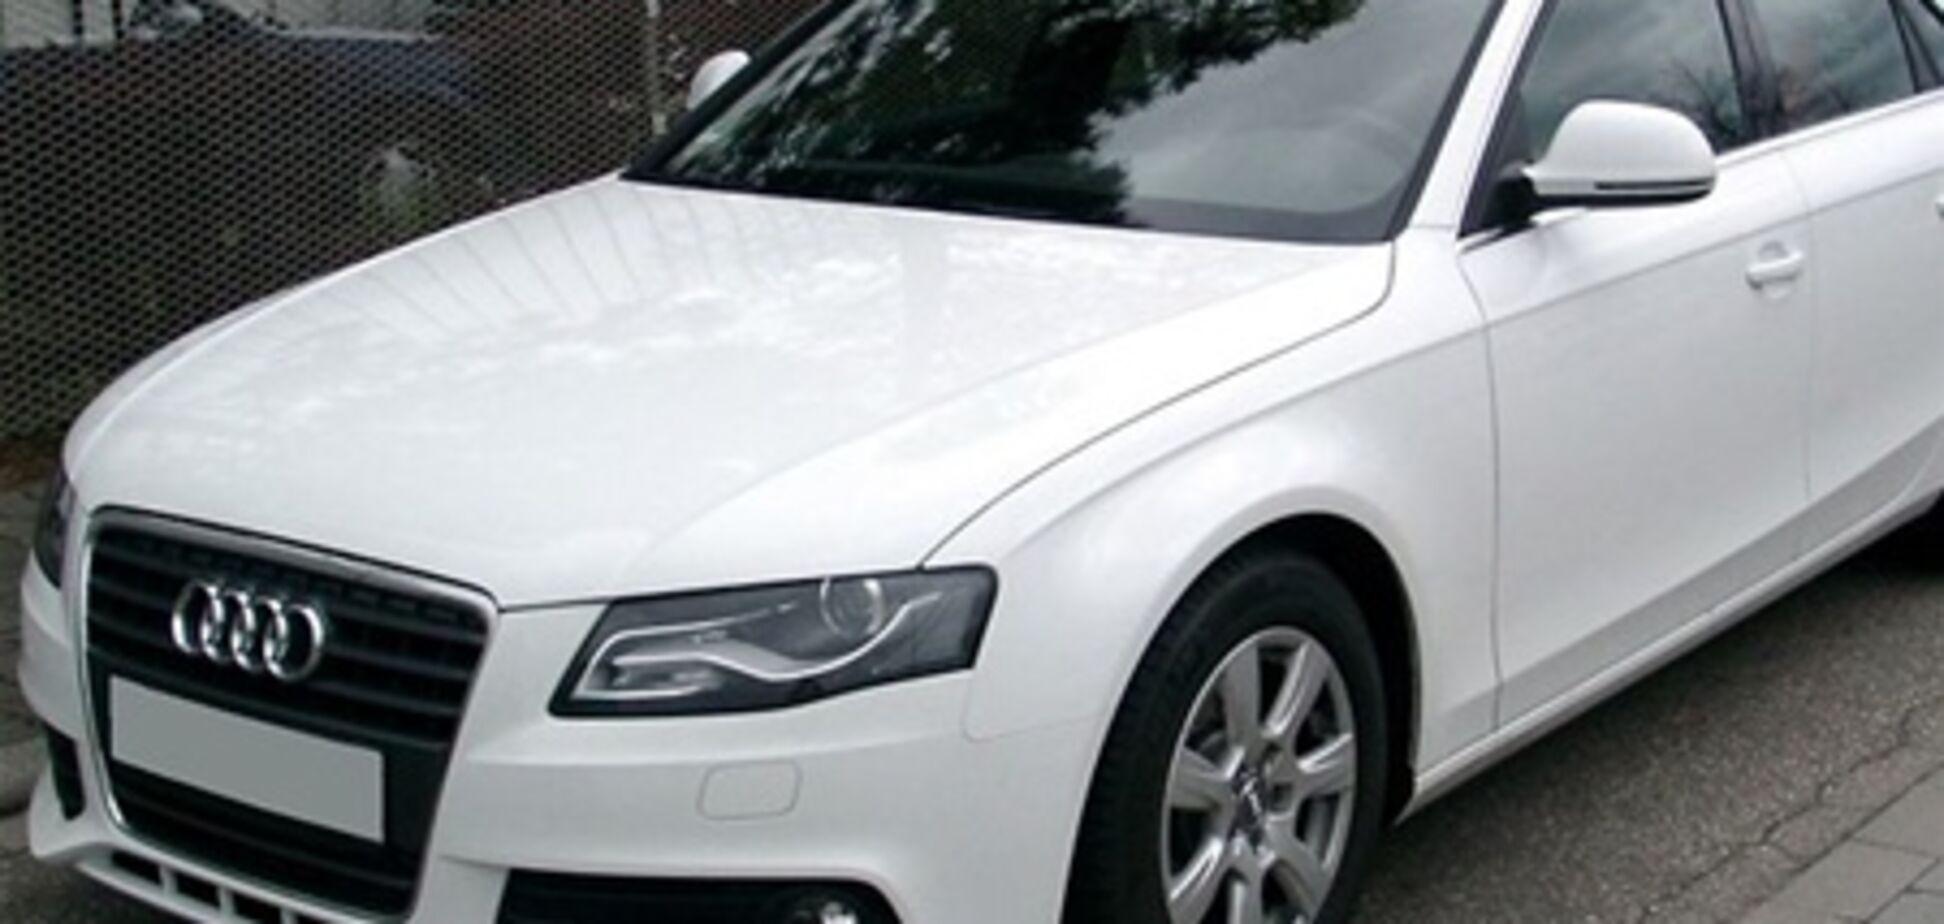 Китай начинает выпускать суперподделку Audi